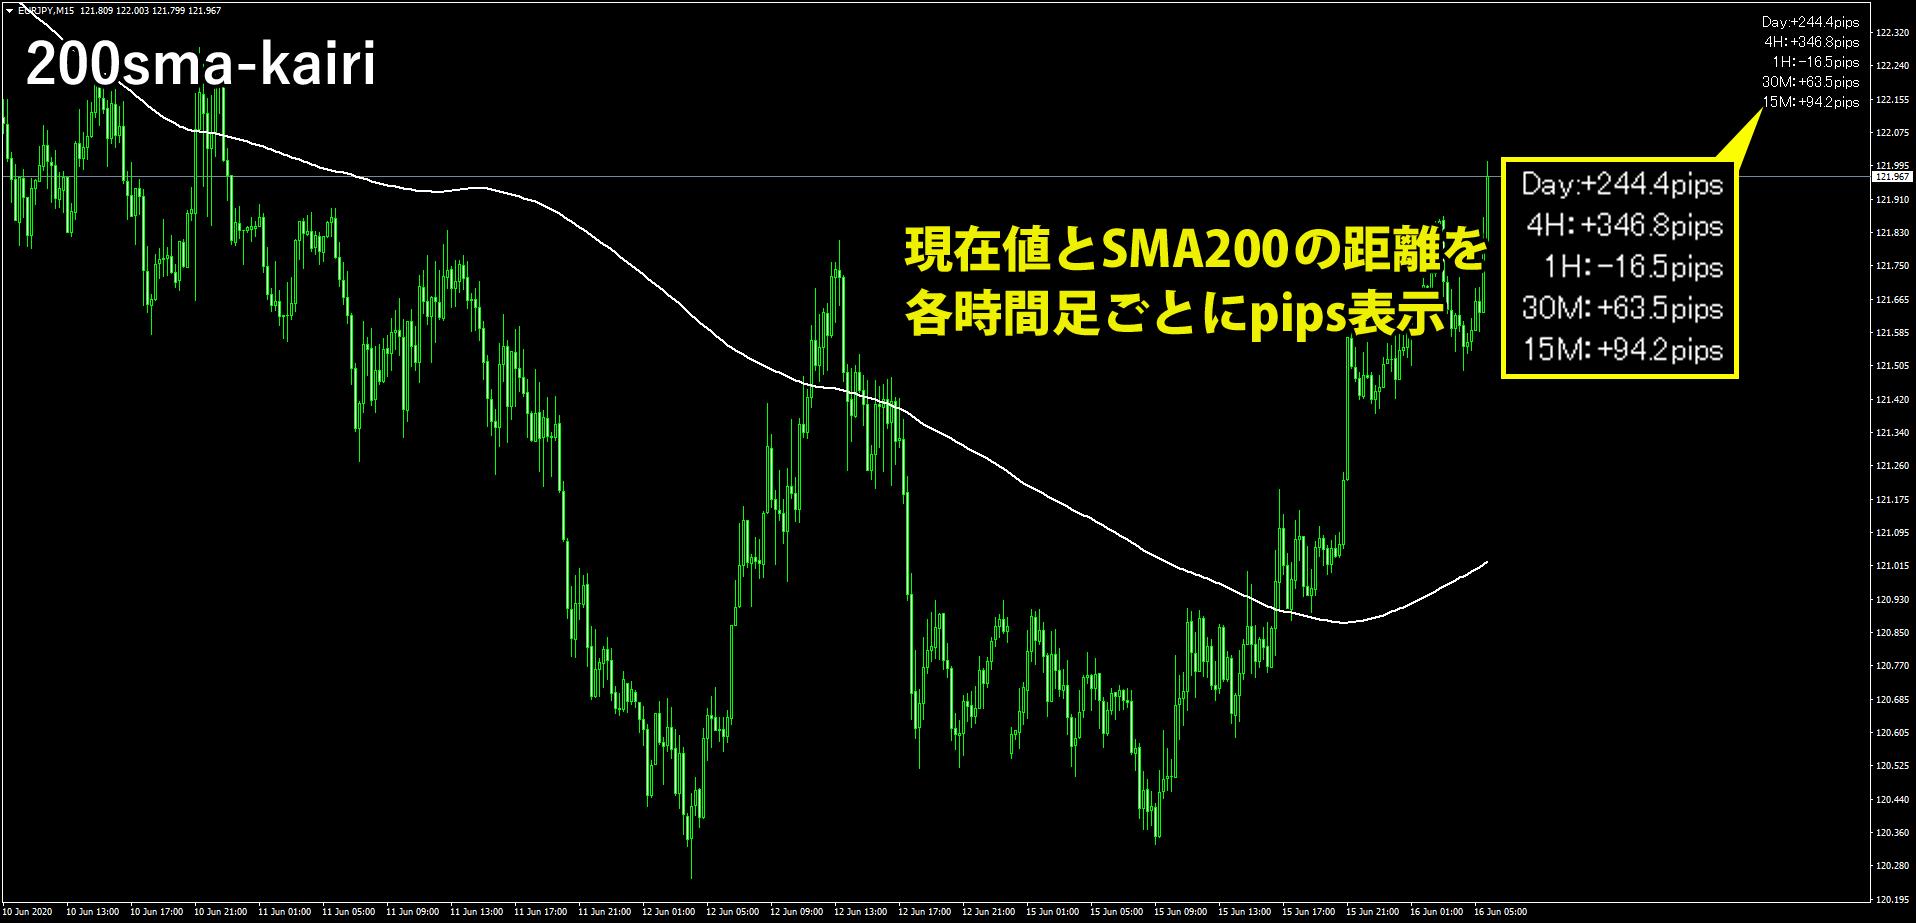 200sma-kairiを表示したチャート画像